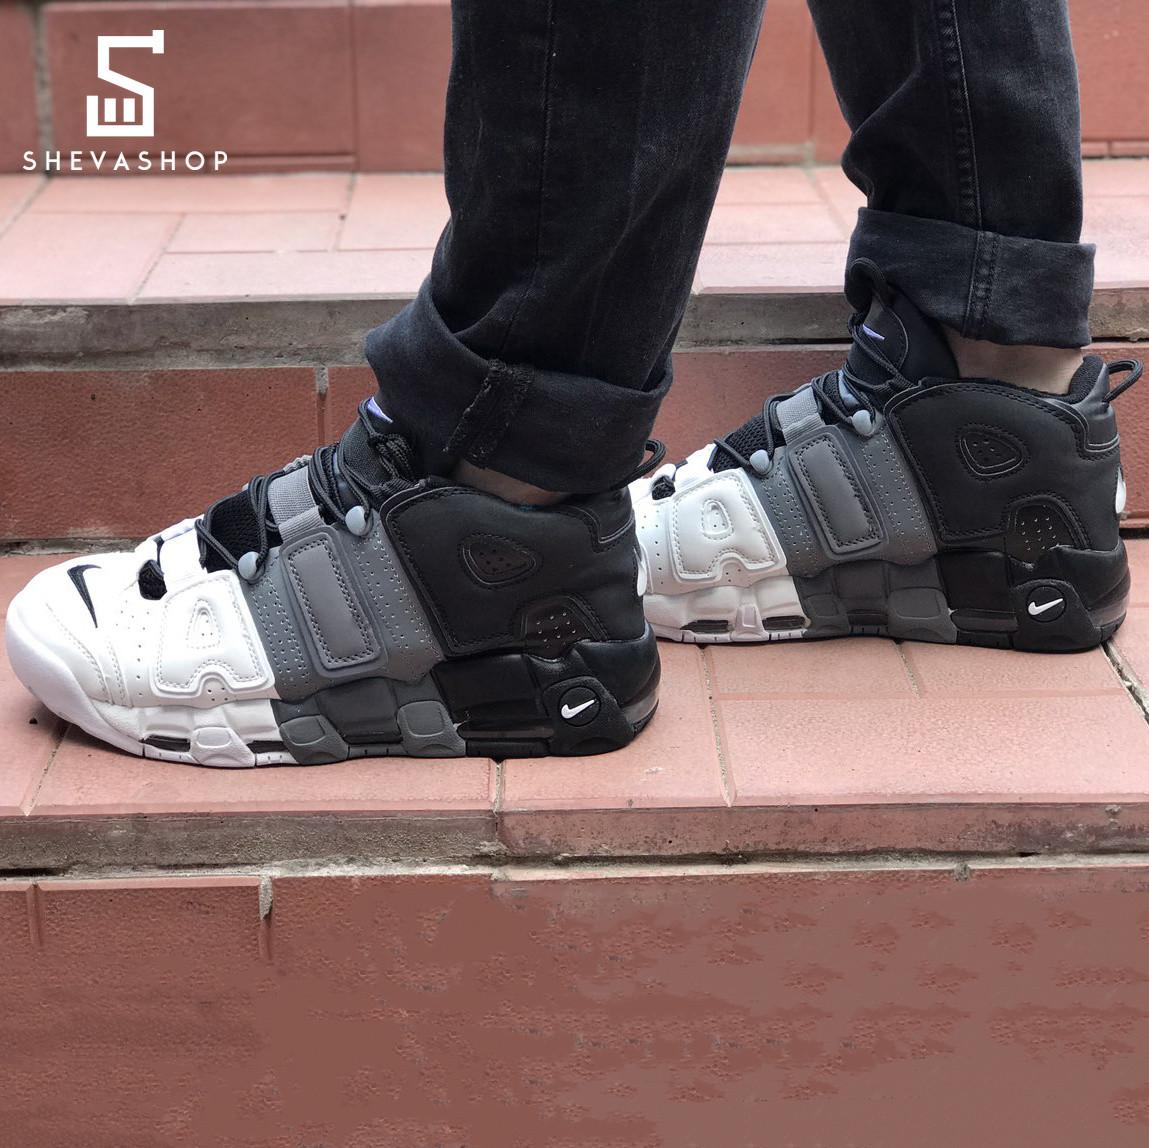 93d954ee Мужские кроссовки N*ke Upt*mpo серо-чёрные с белым (копия) - купить ...